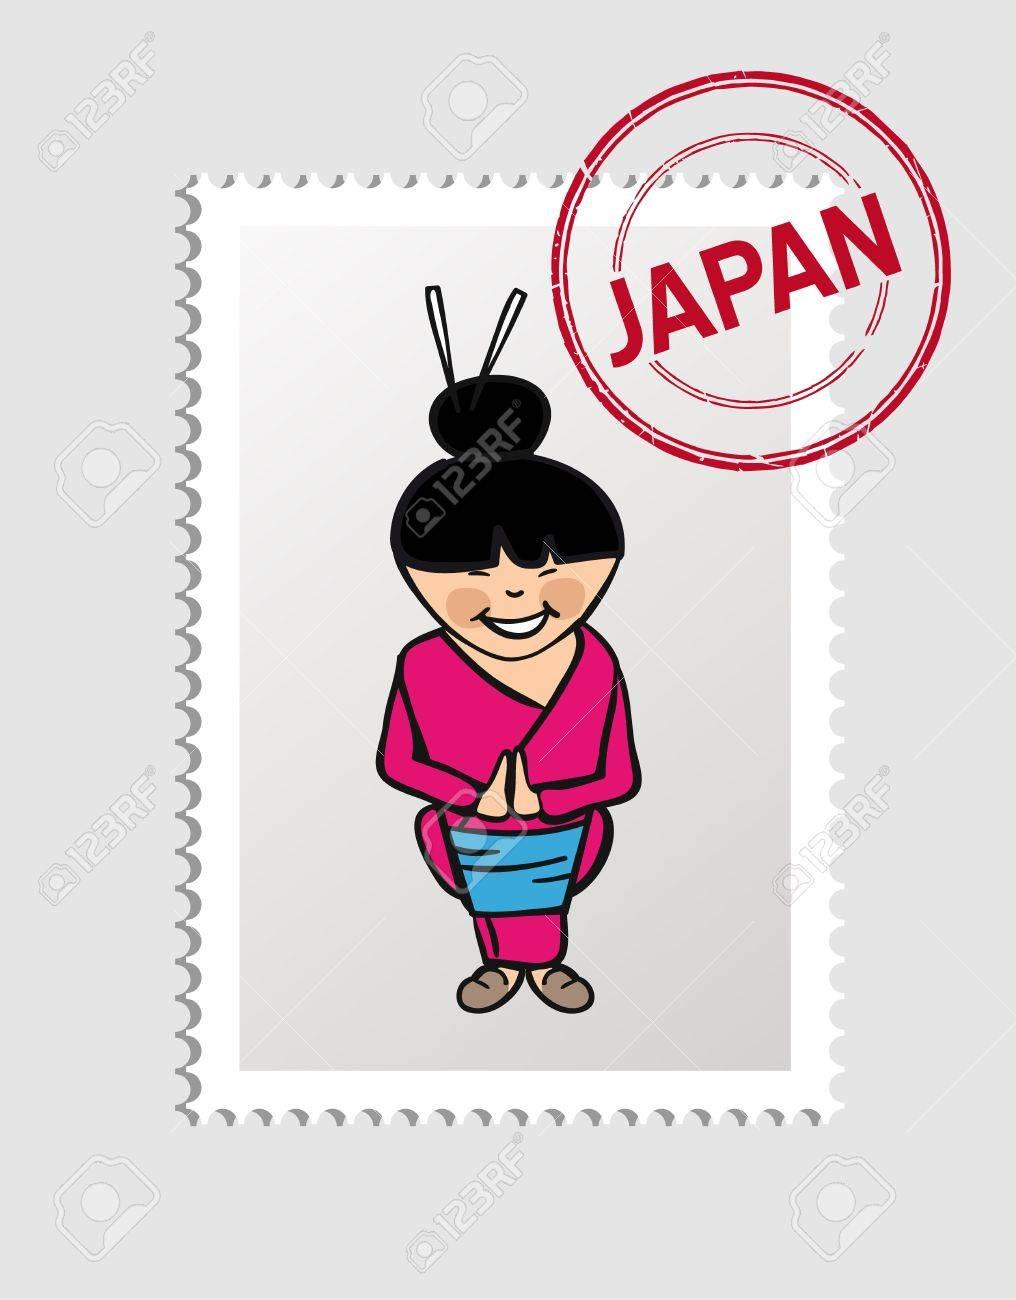 Femme Japonaise De Dessin Anime Avec Le Japon Cachet De La Poste